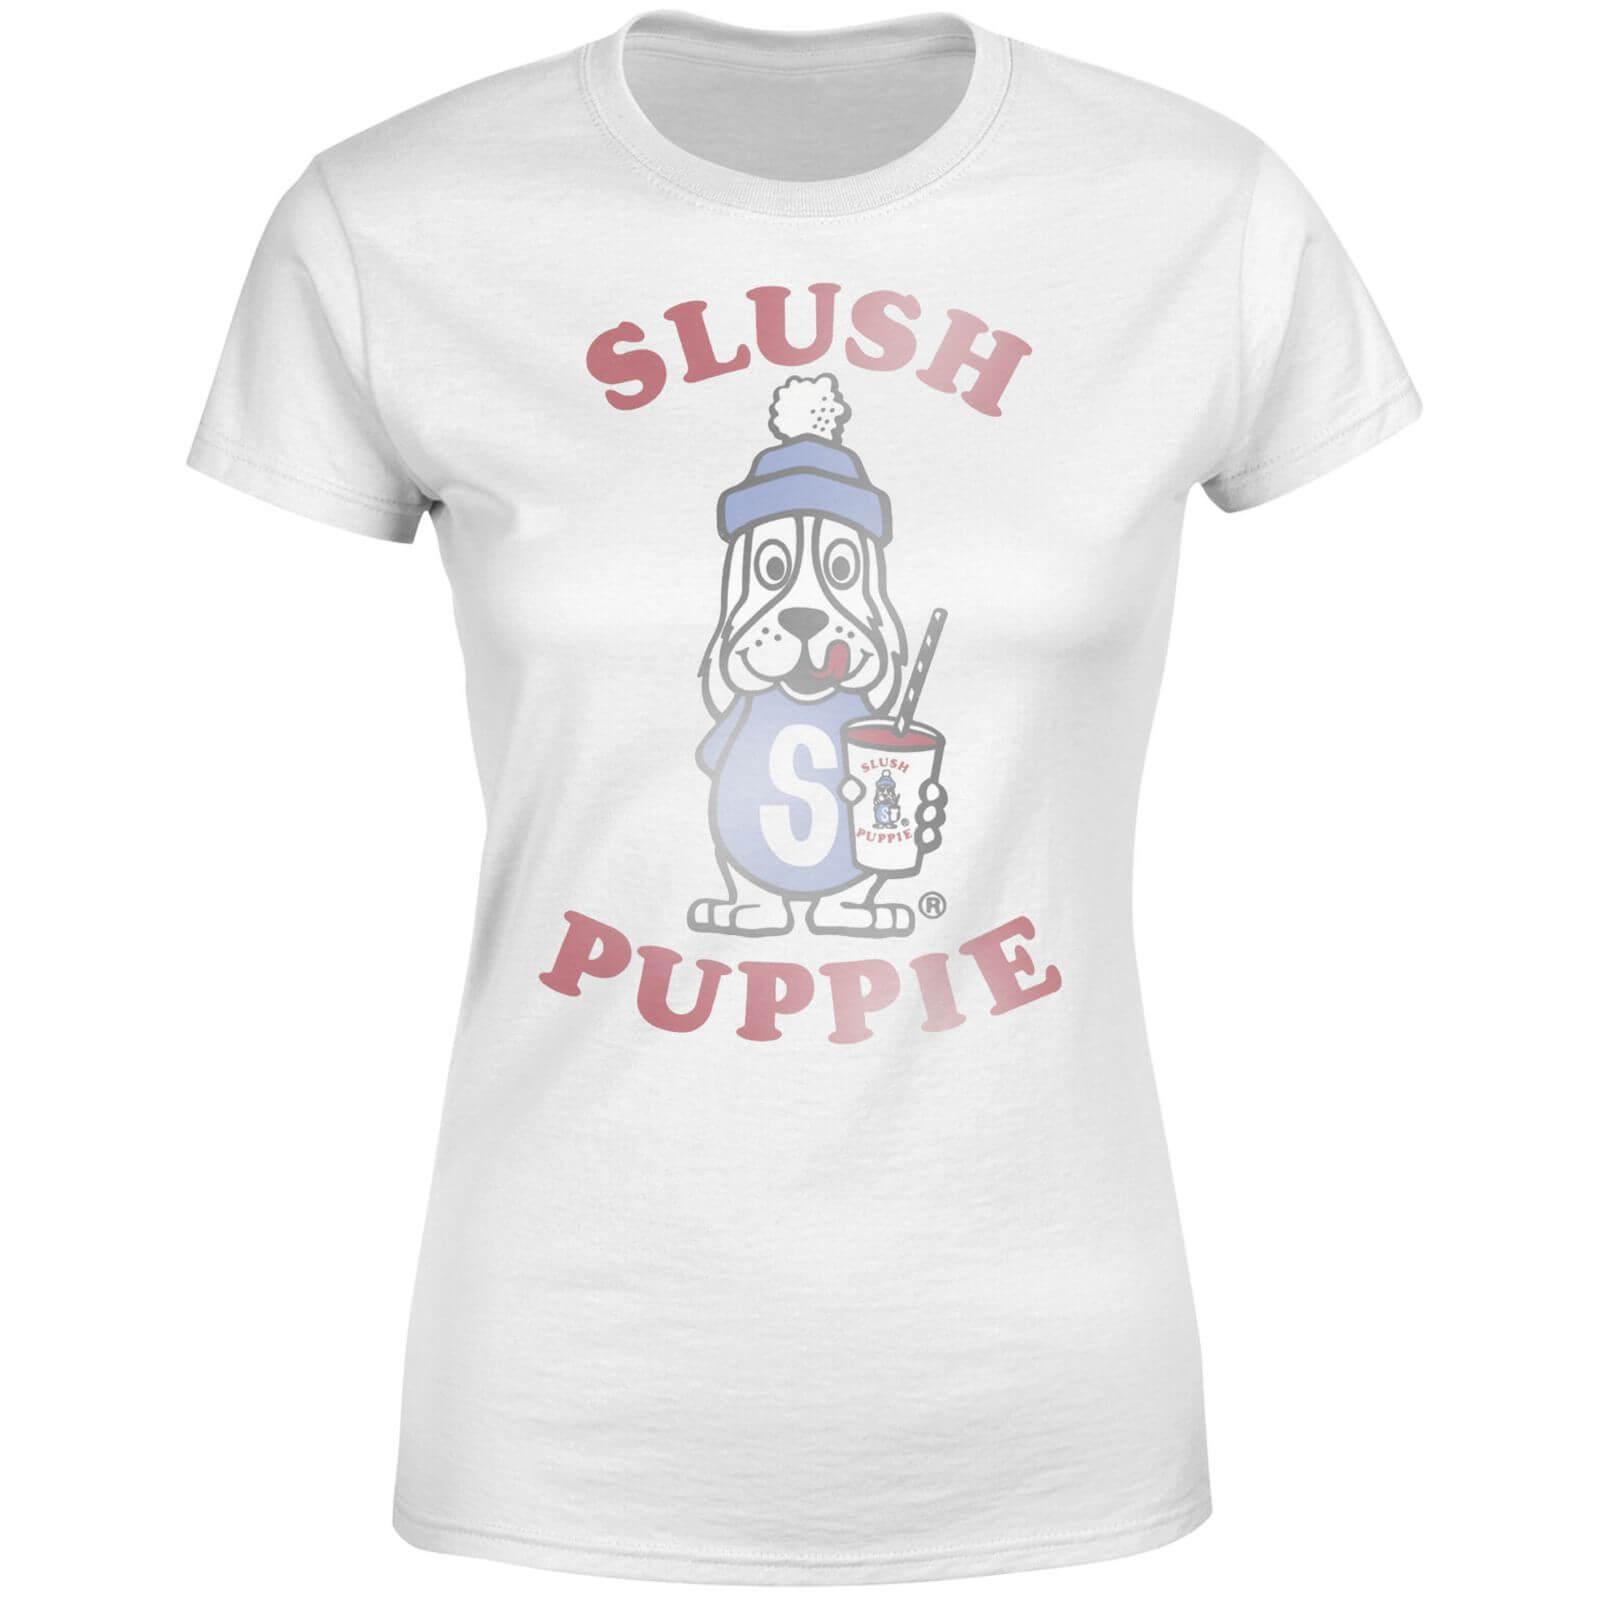 Slush Puppie Slush Puppie Women's T-Shirt - White - M - White